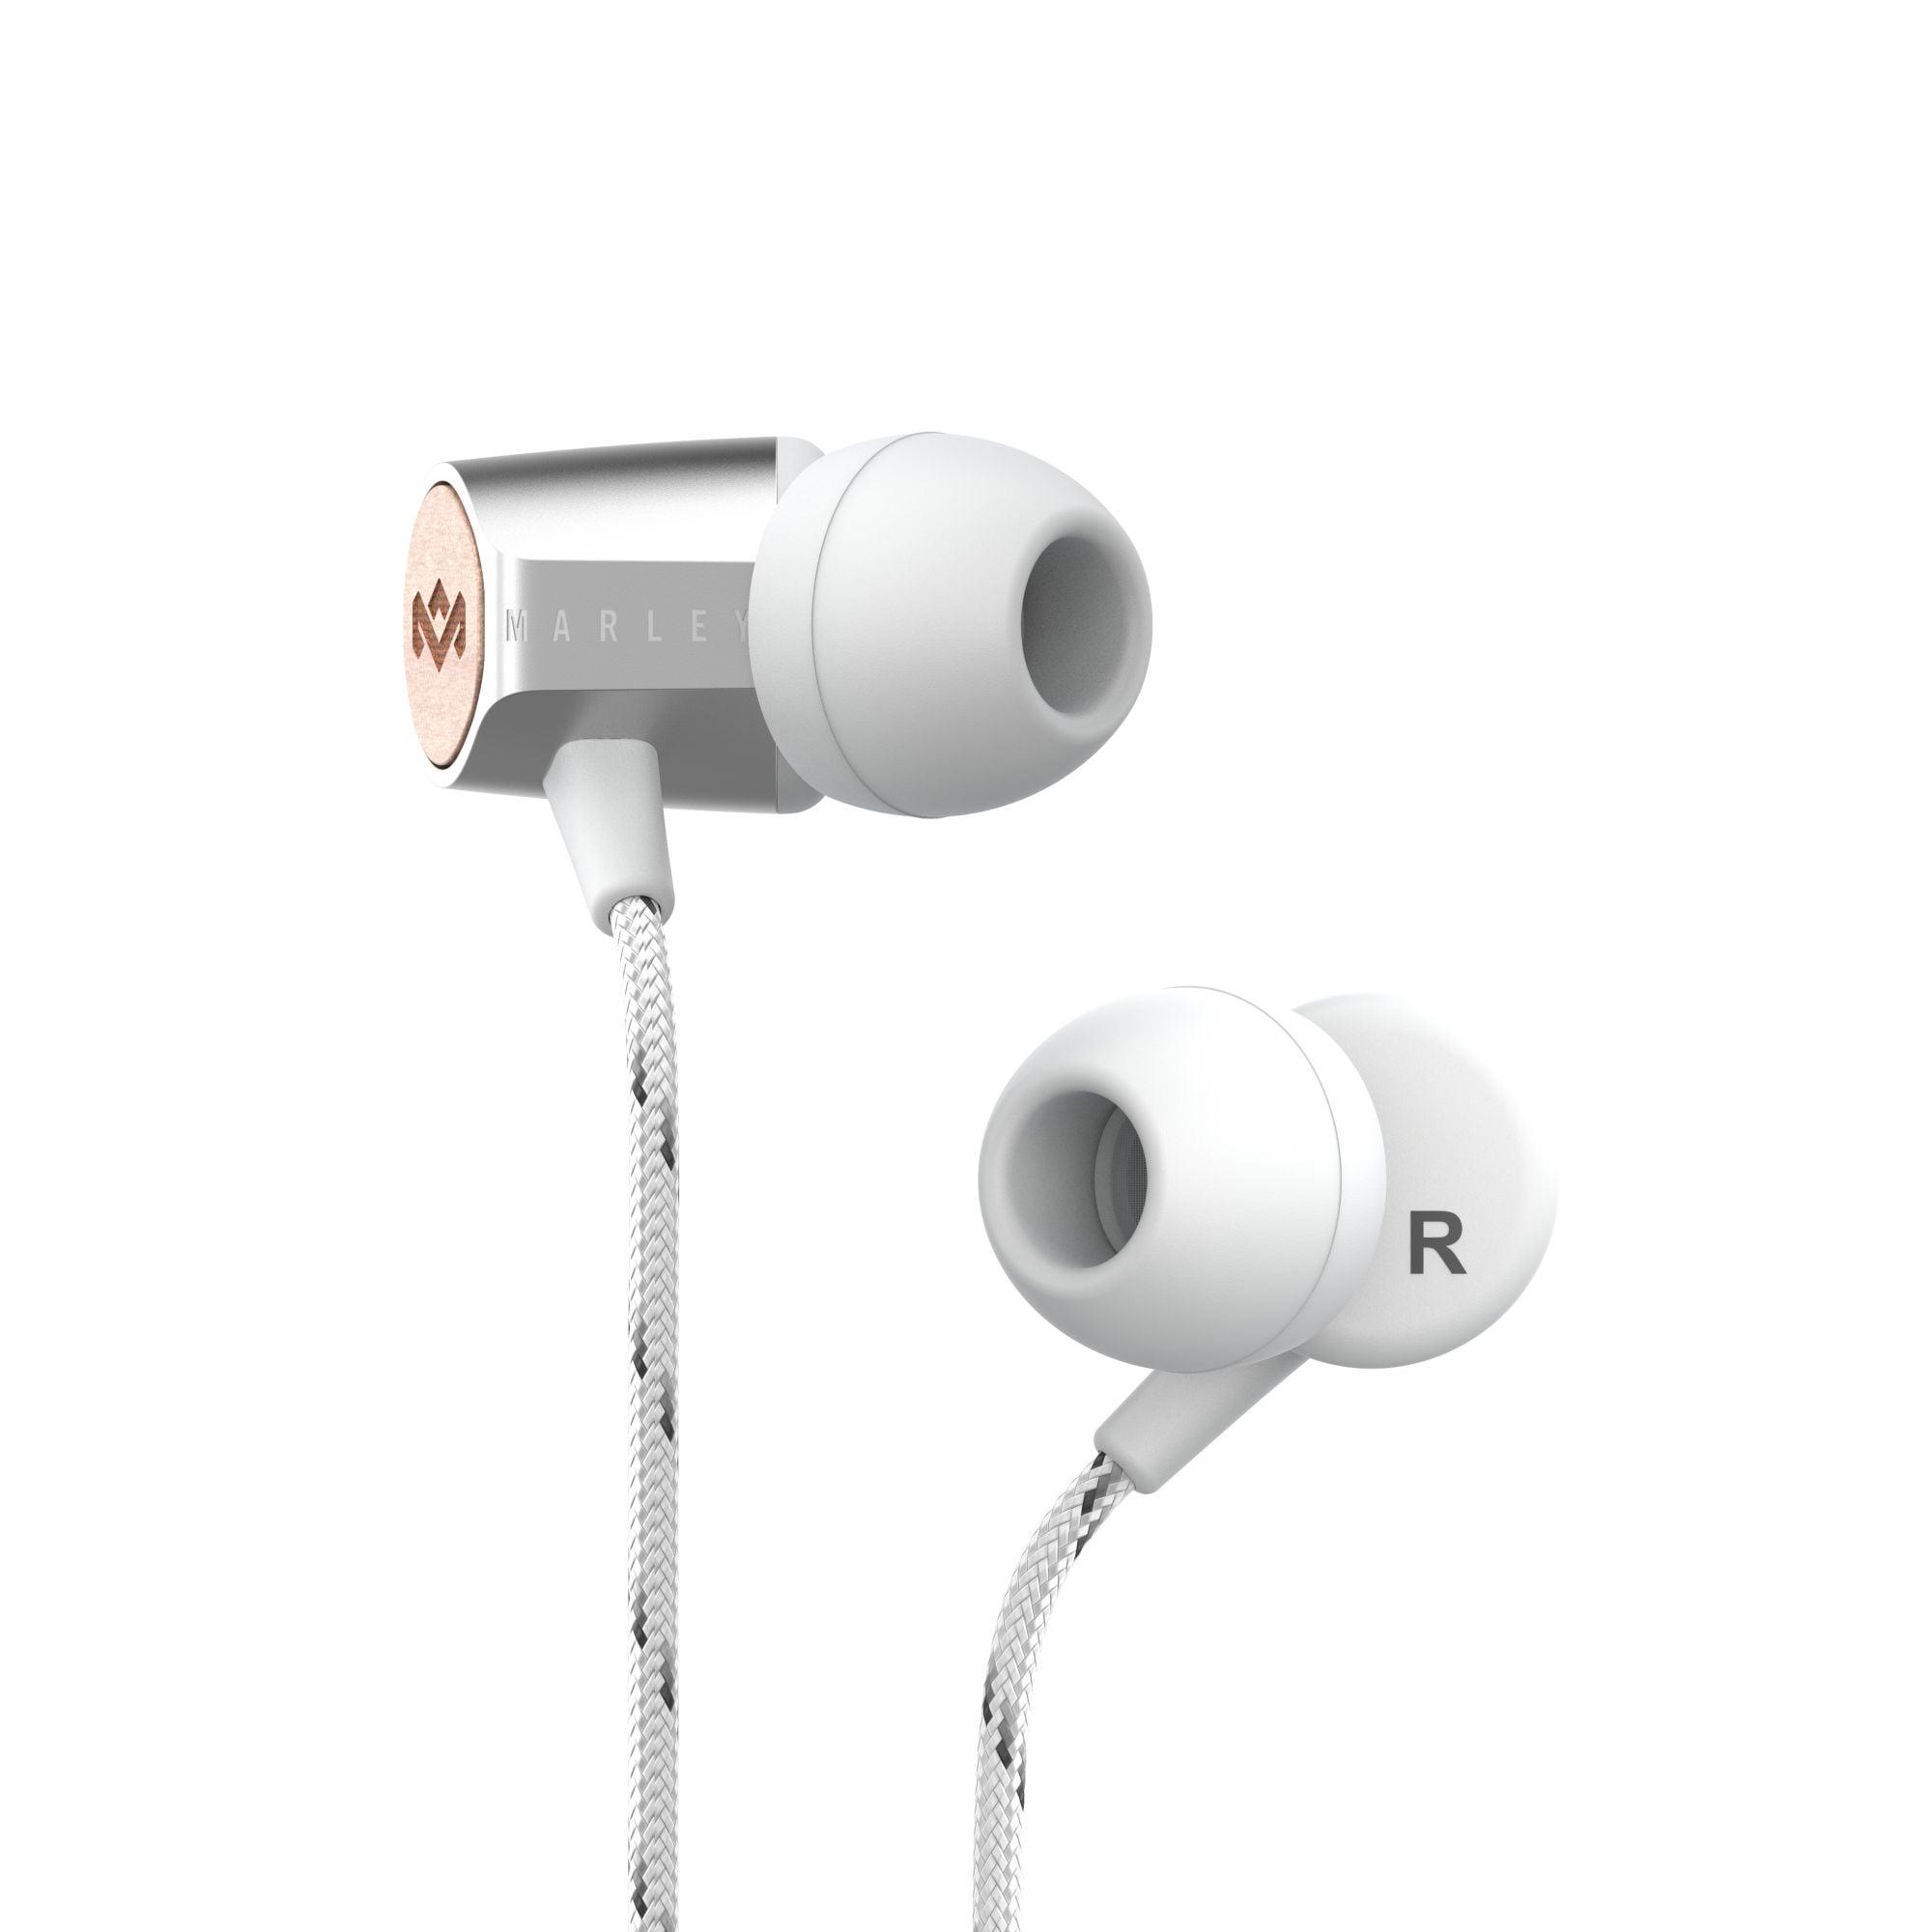 House of Marley Uplift 2.0 ušesne slušalke - srebrne barve